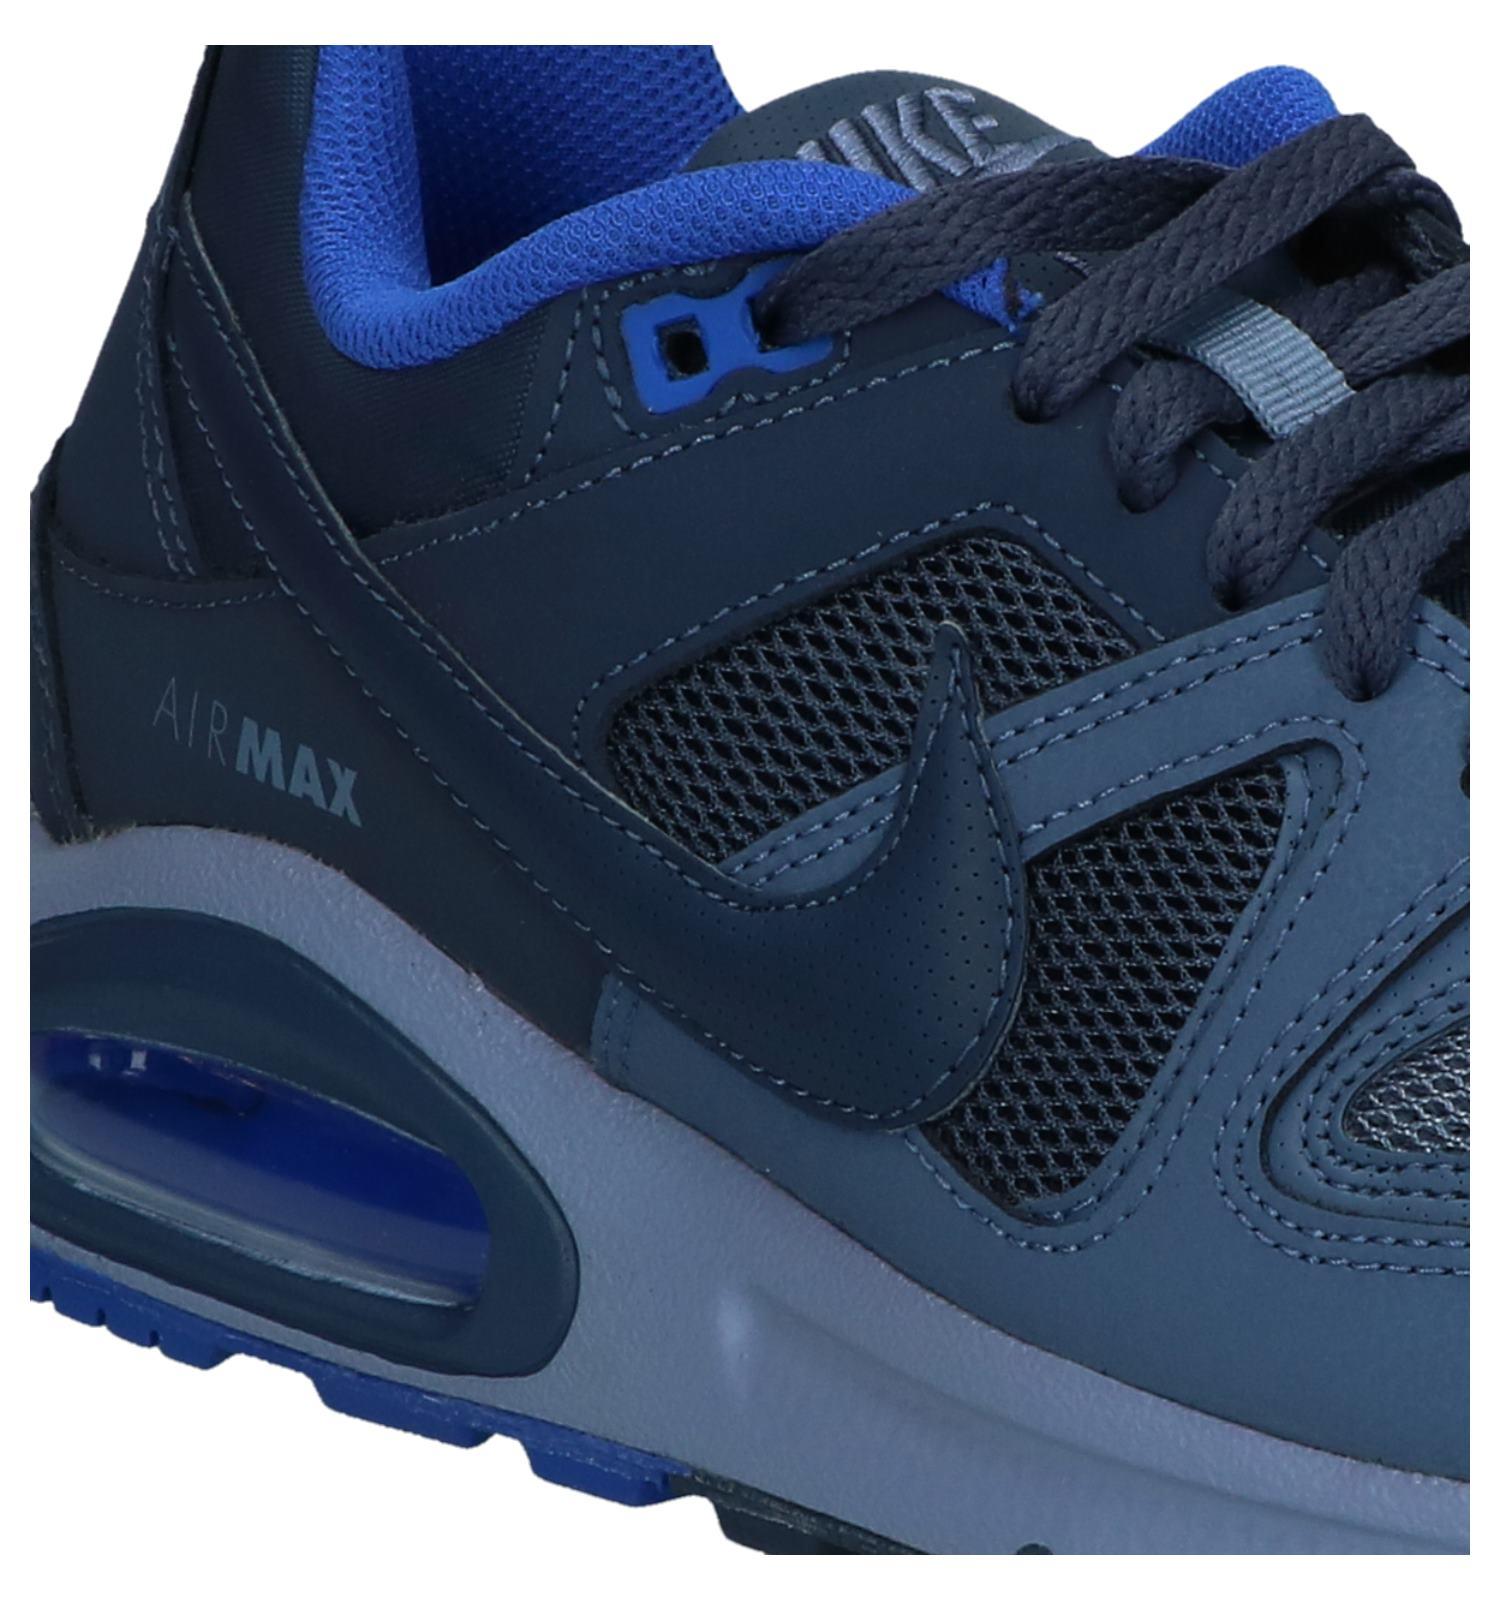 be922ee17ae5ae Blauwe Sneakers Nike Air Max Command | TORFS.BE | Gratis verzend en retour